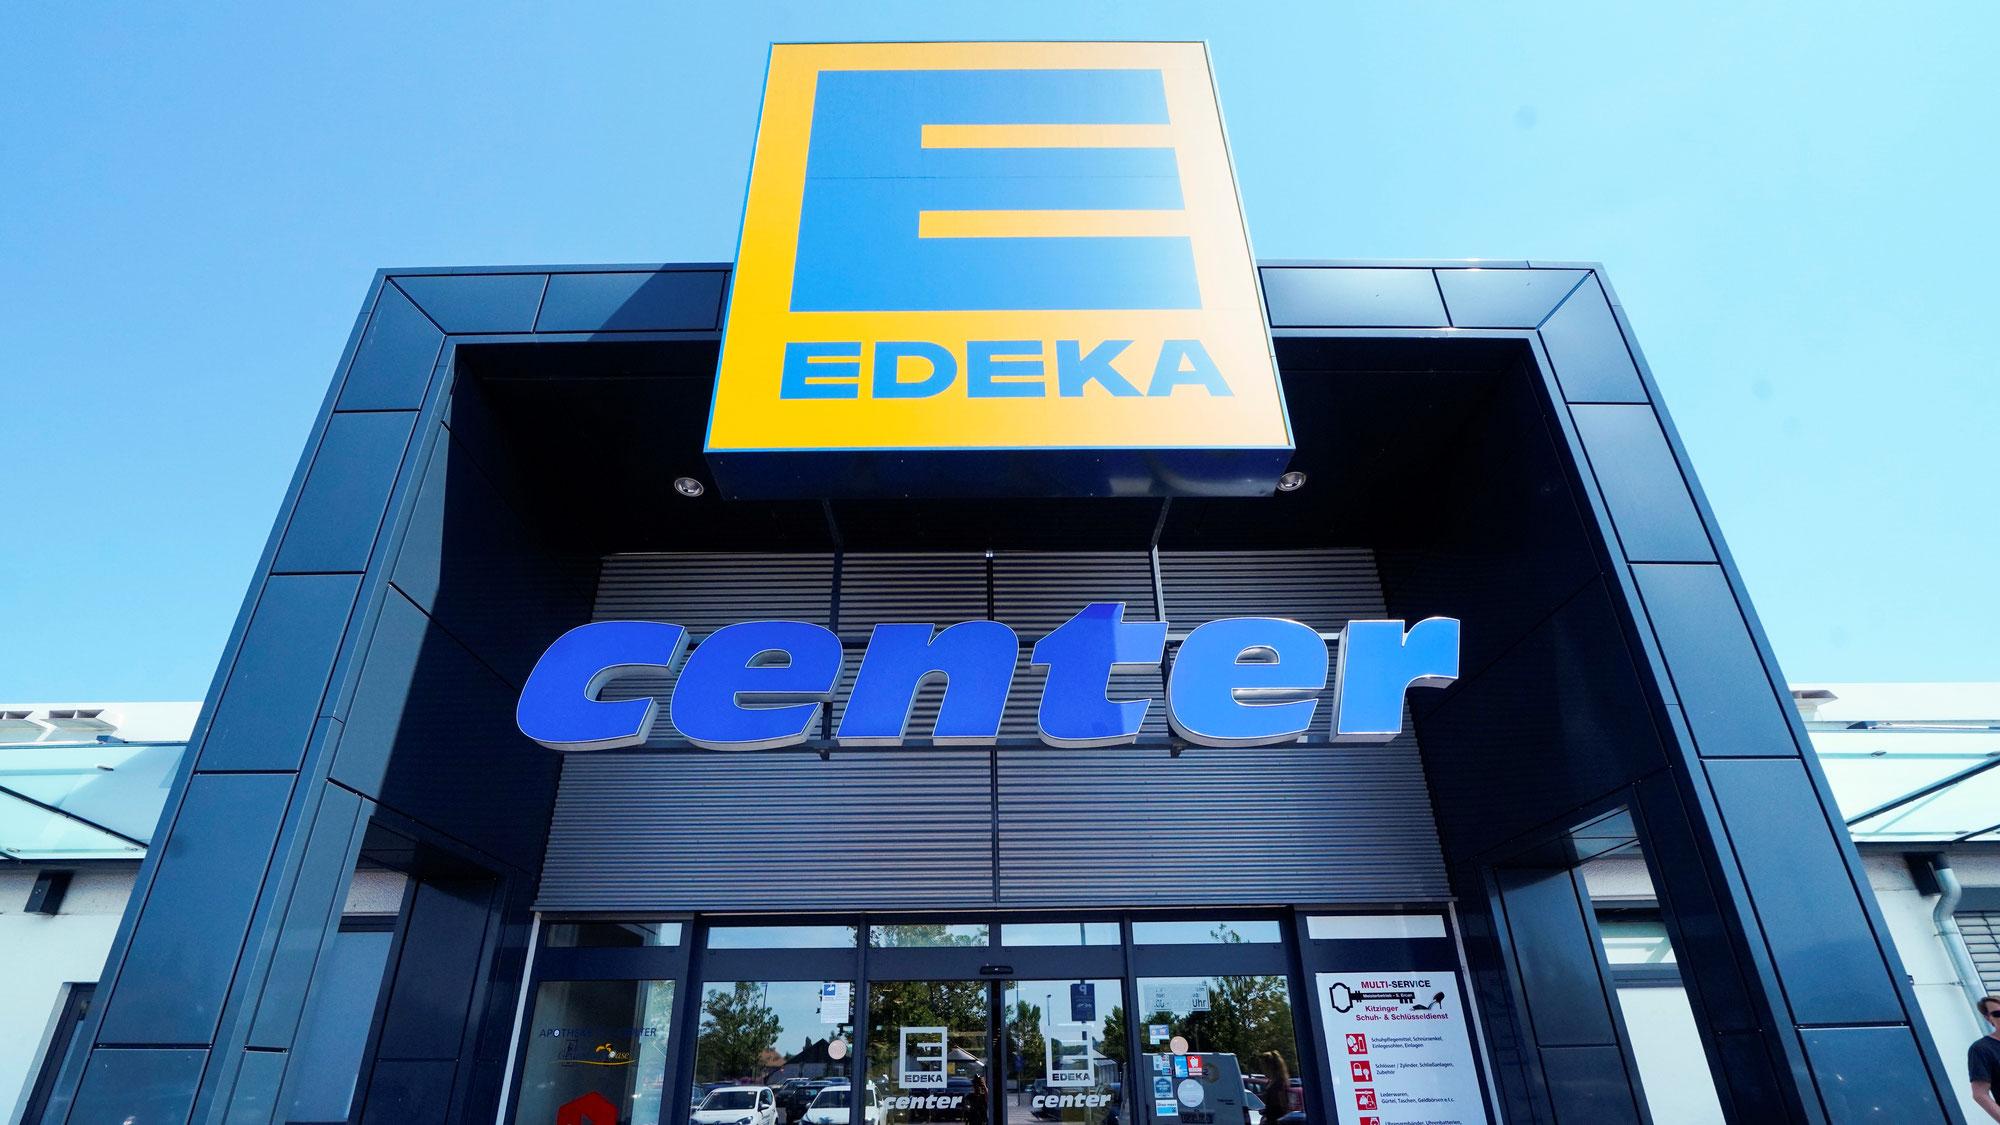 Für was steht eigentlich der Name Edeka?